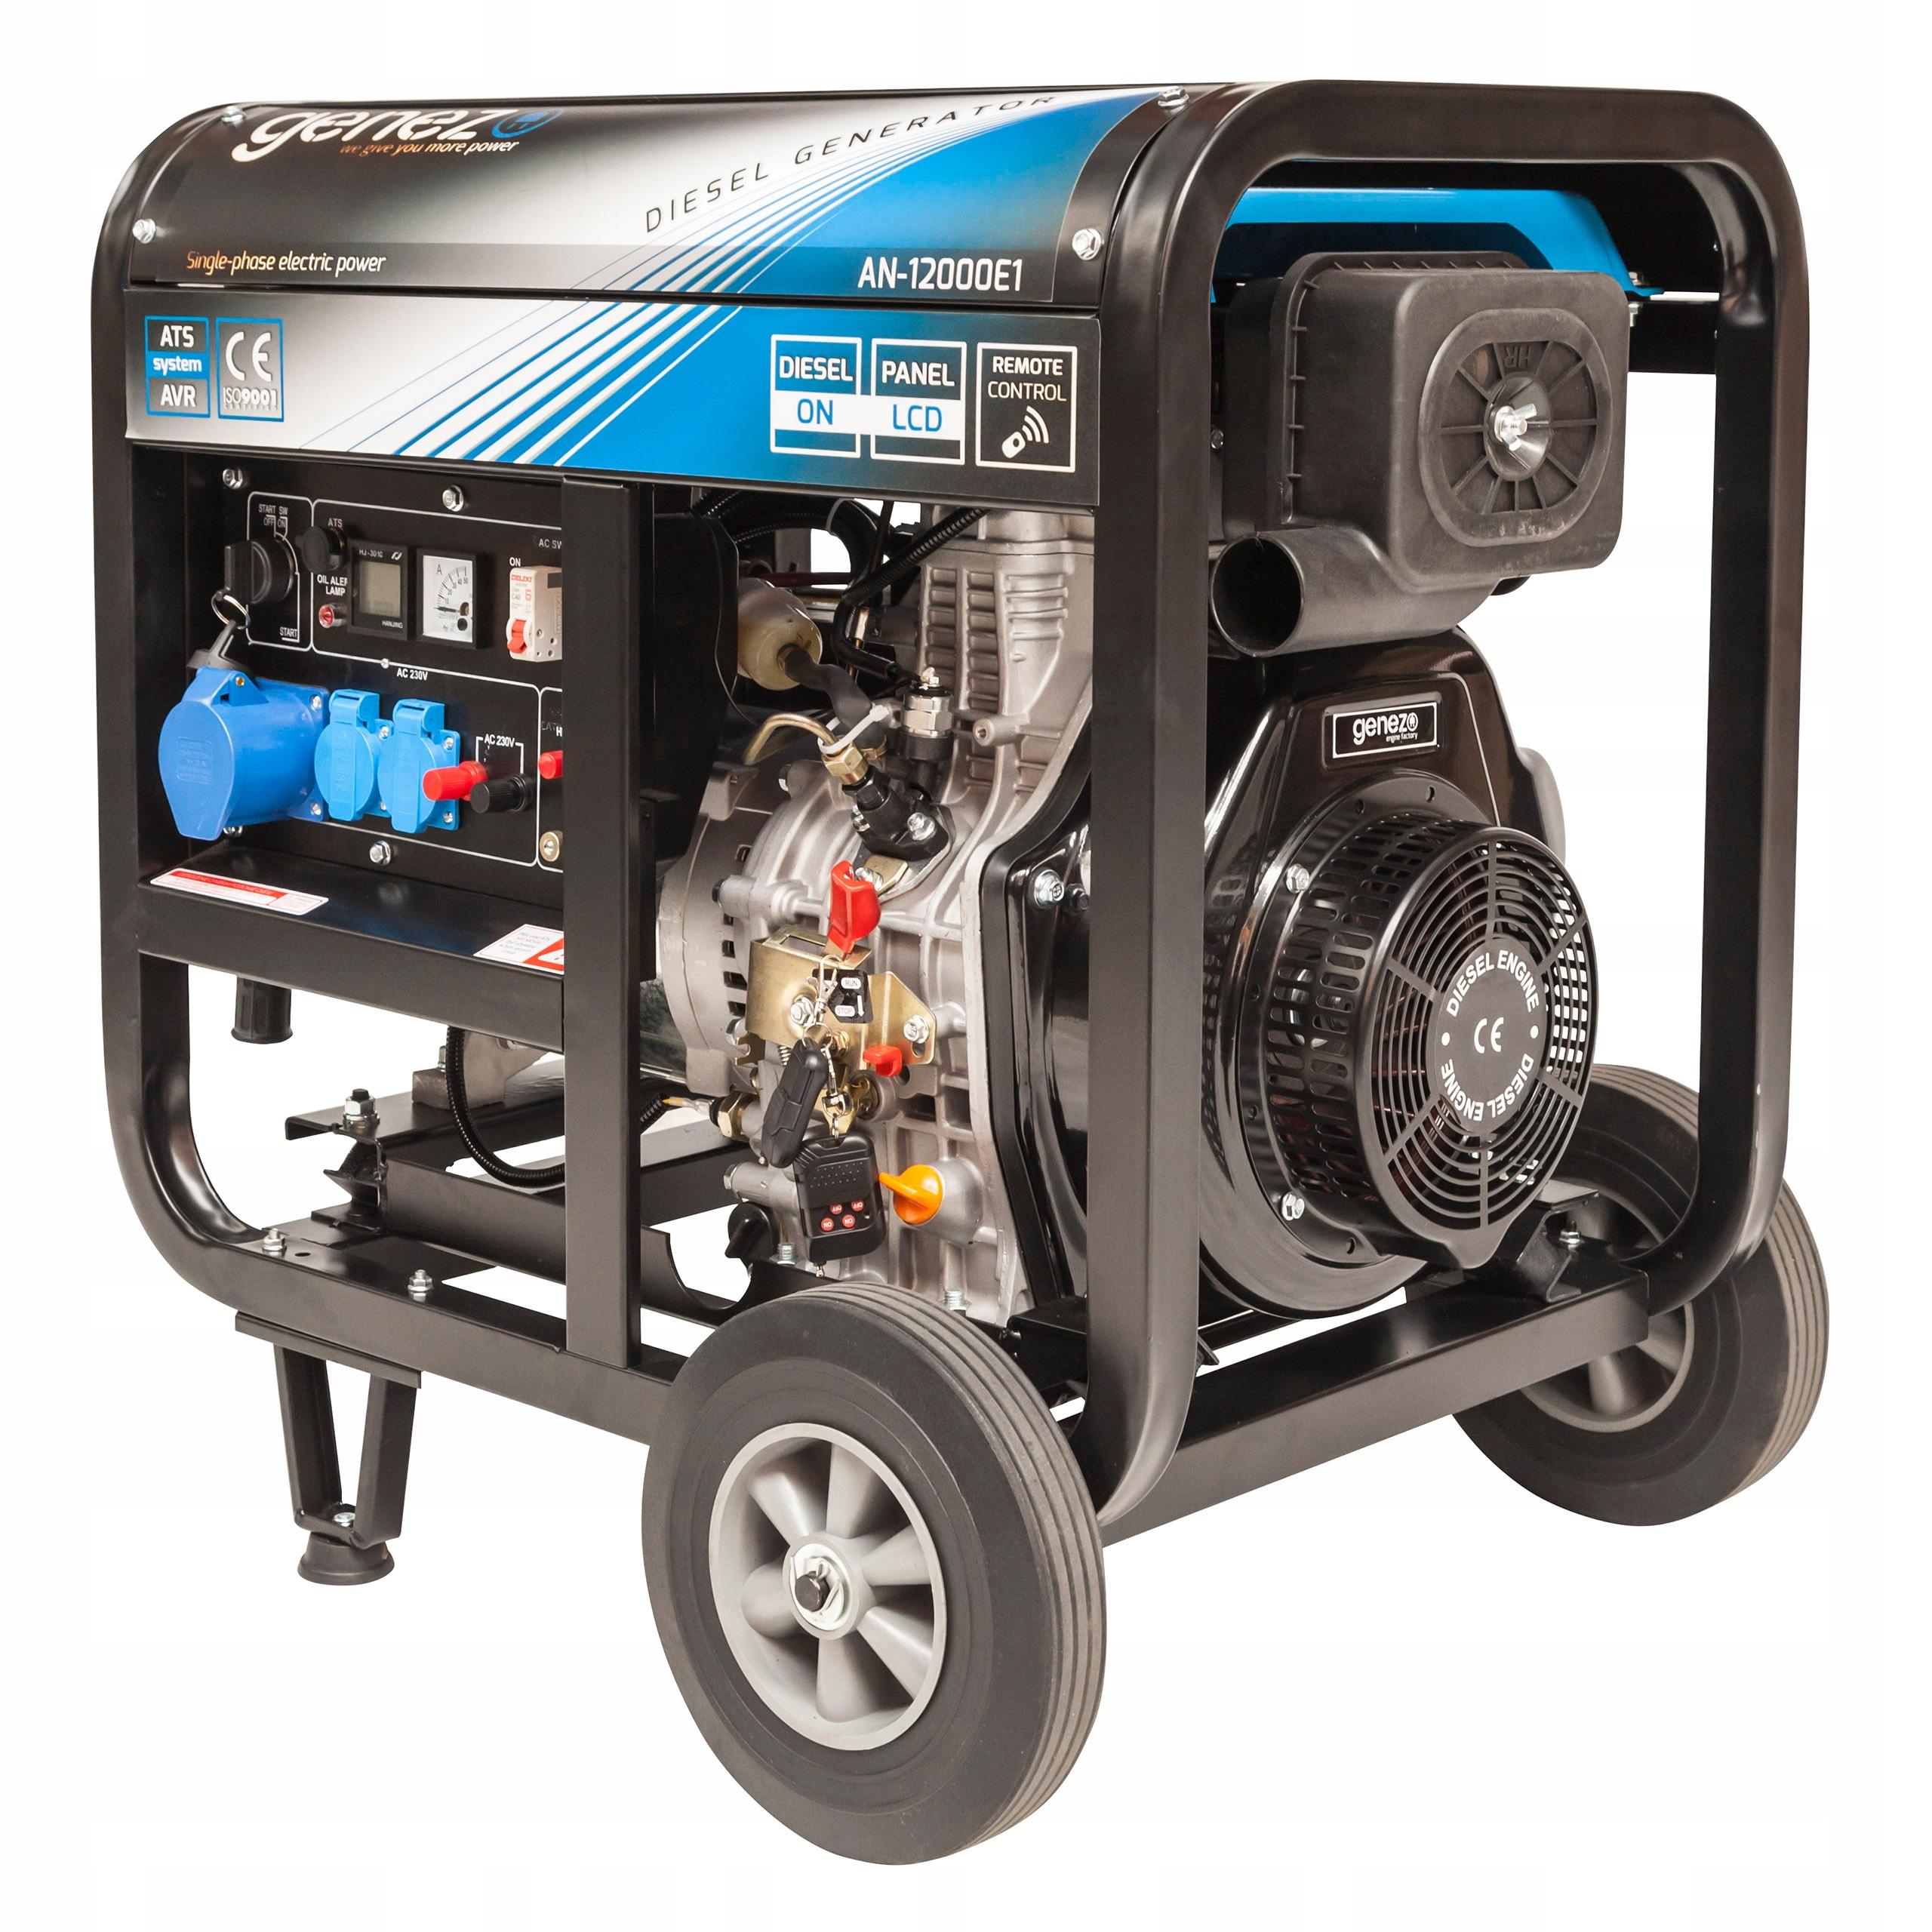 Генератор Genezo 12000 E1diesel 9.5kw